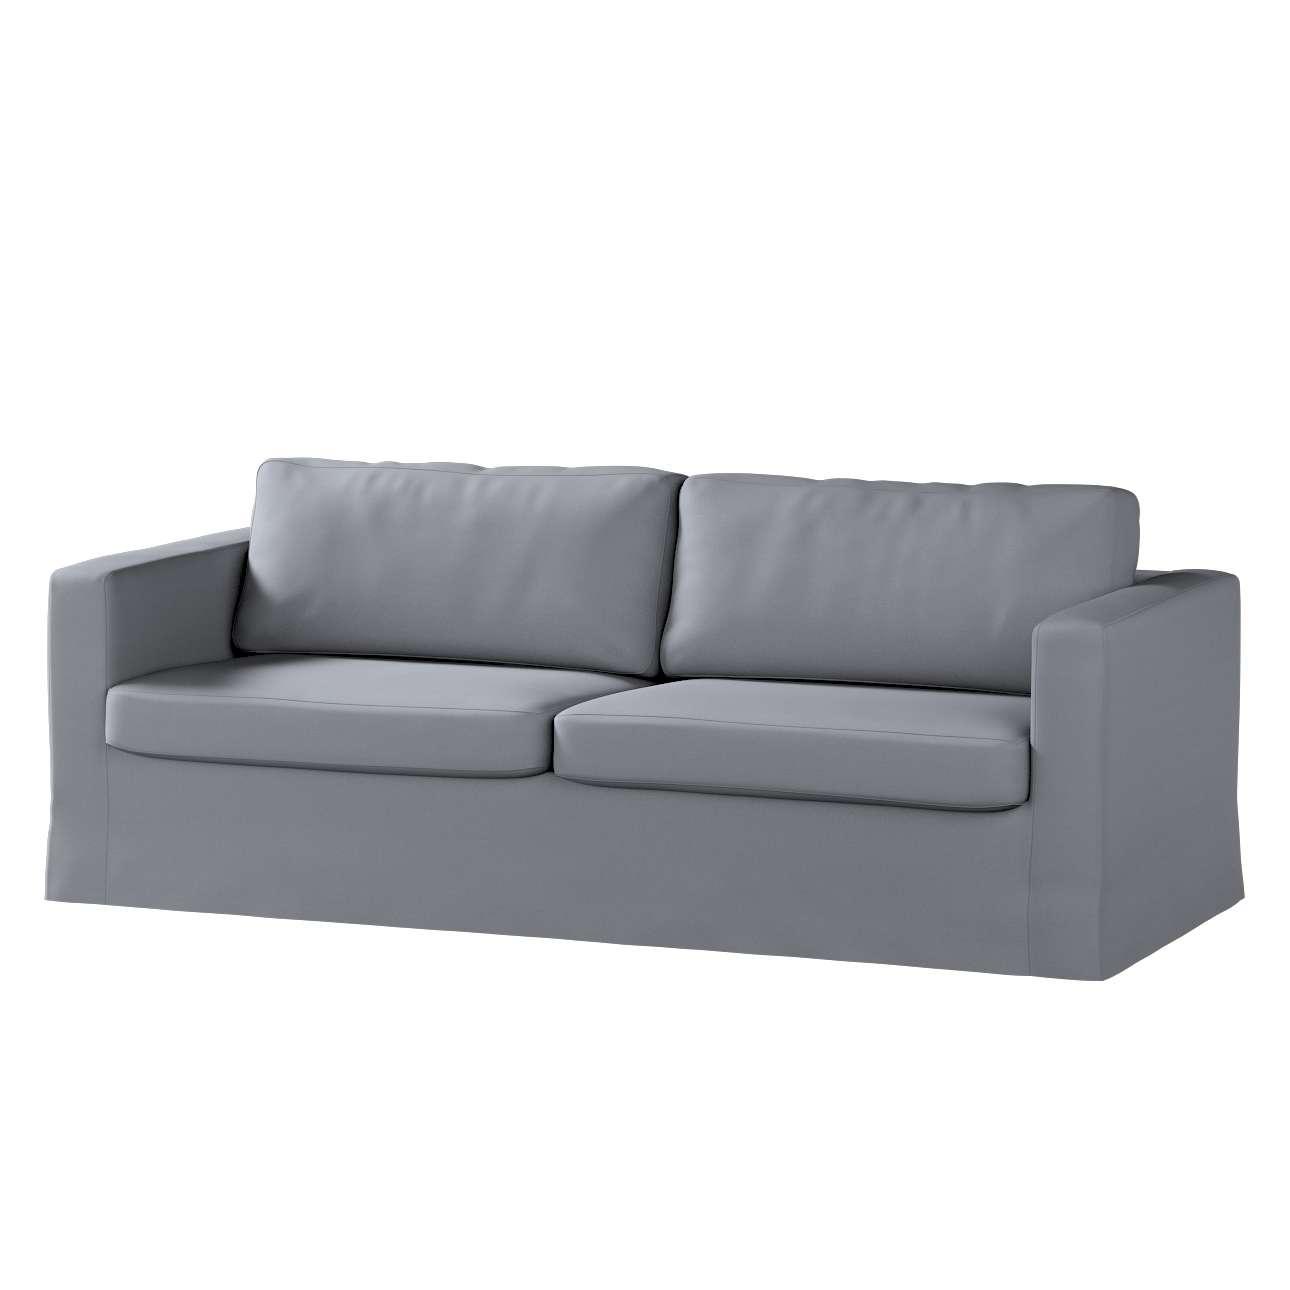 Karlstad trivietės sofos užvalkalas (ilgas, iki žemės) Karlstad trivietės sofos užvalkalas (ilgas, iki žemės) kolekcijoje Cotton Panama, audinys: 702-07